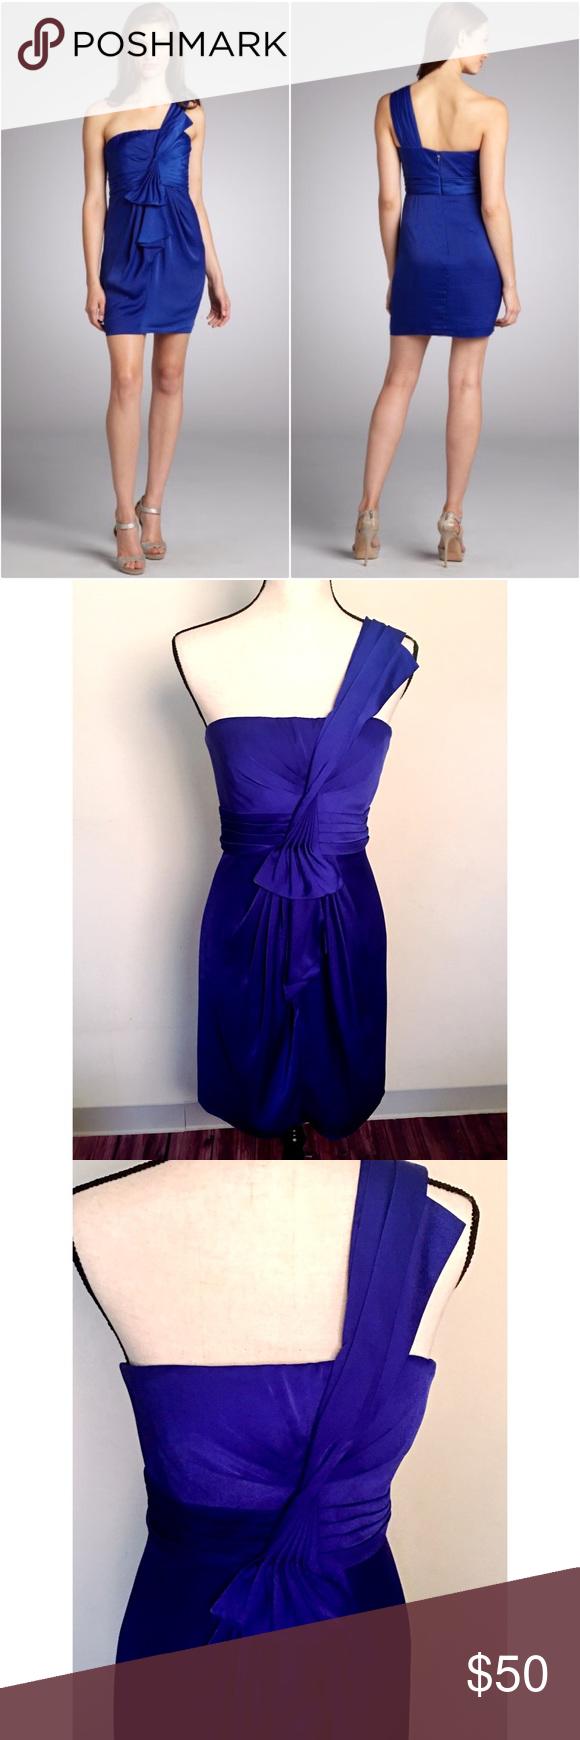 Famoso Vestido De Cóctel Azul Bcbg Imágenes - Colección del Vestido ...